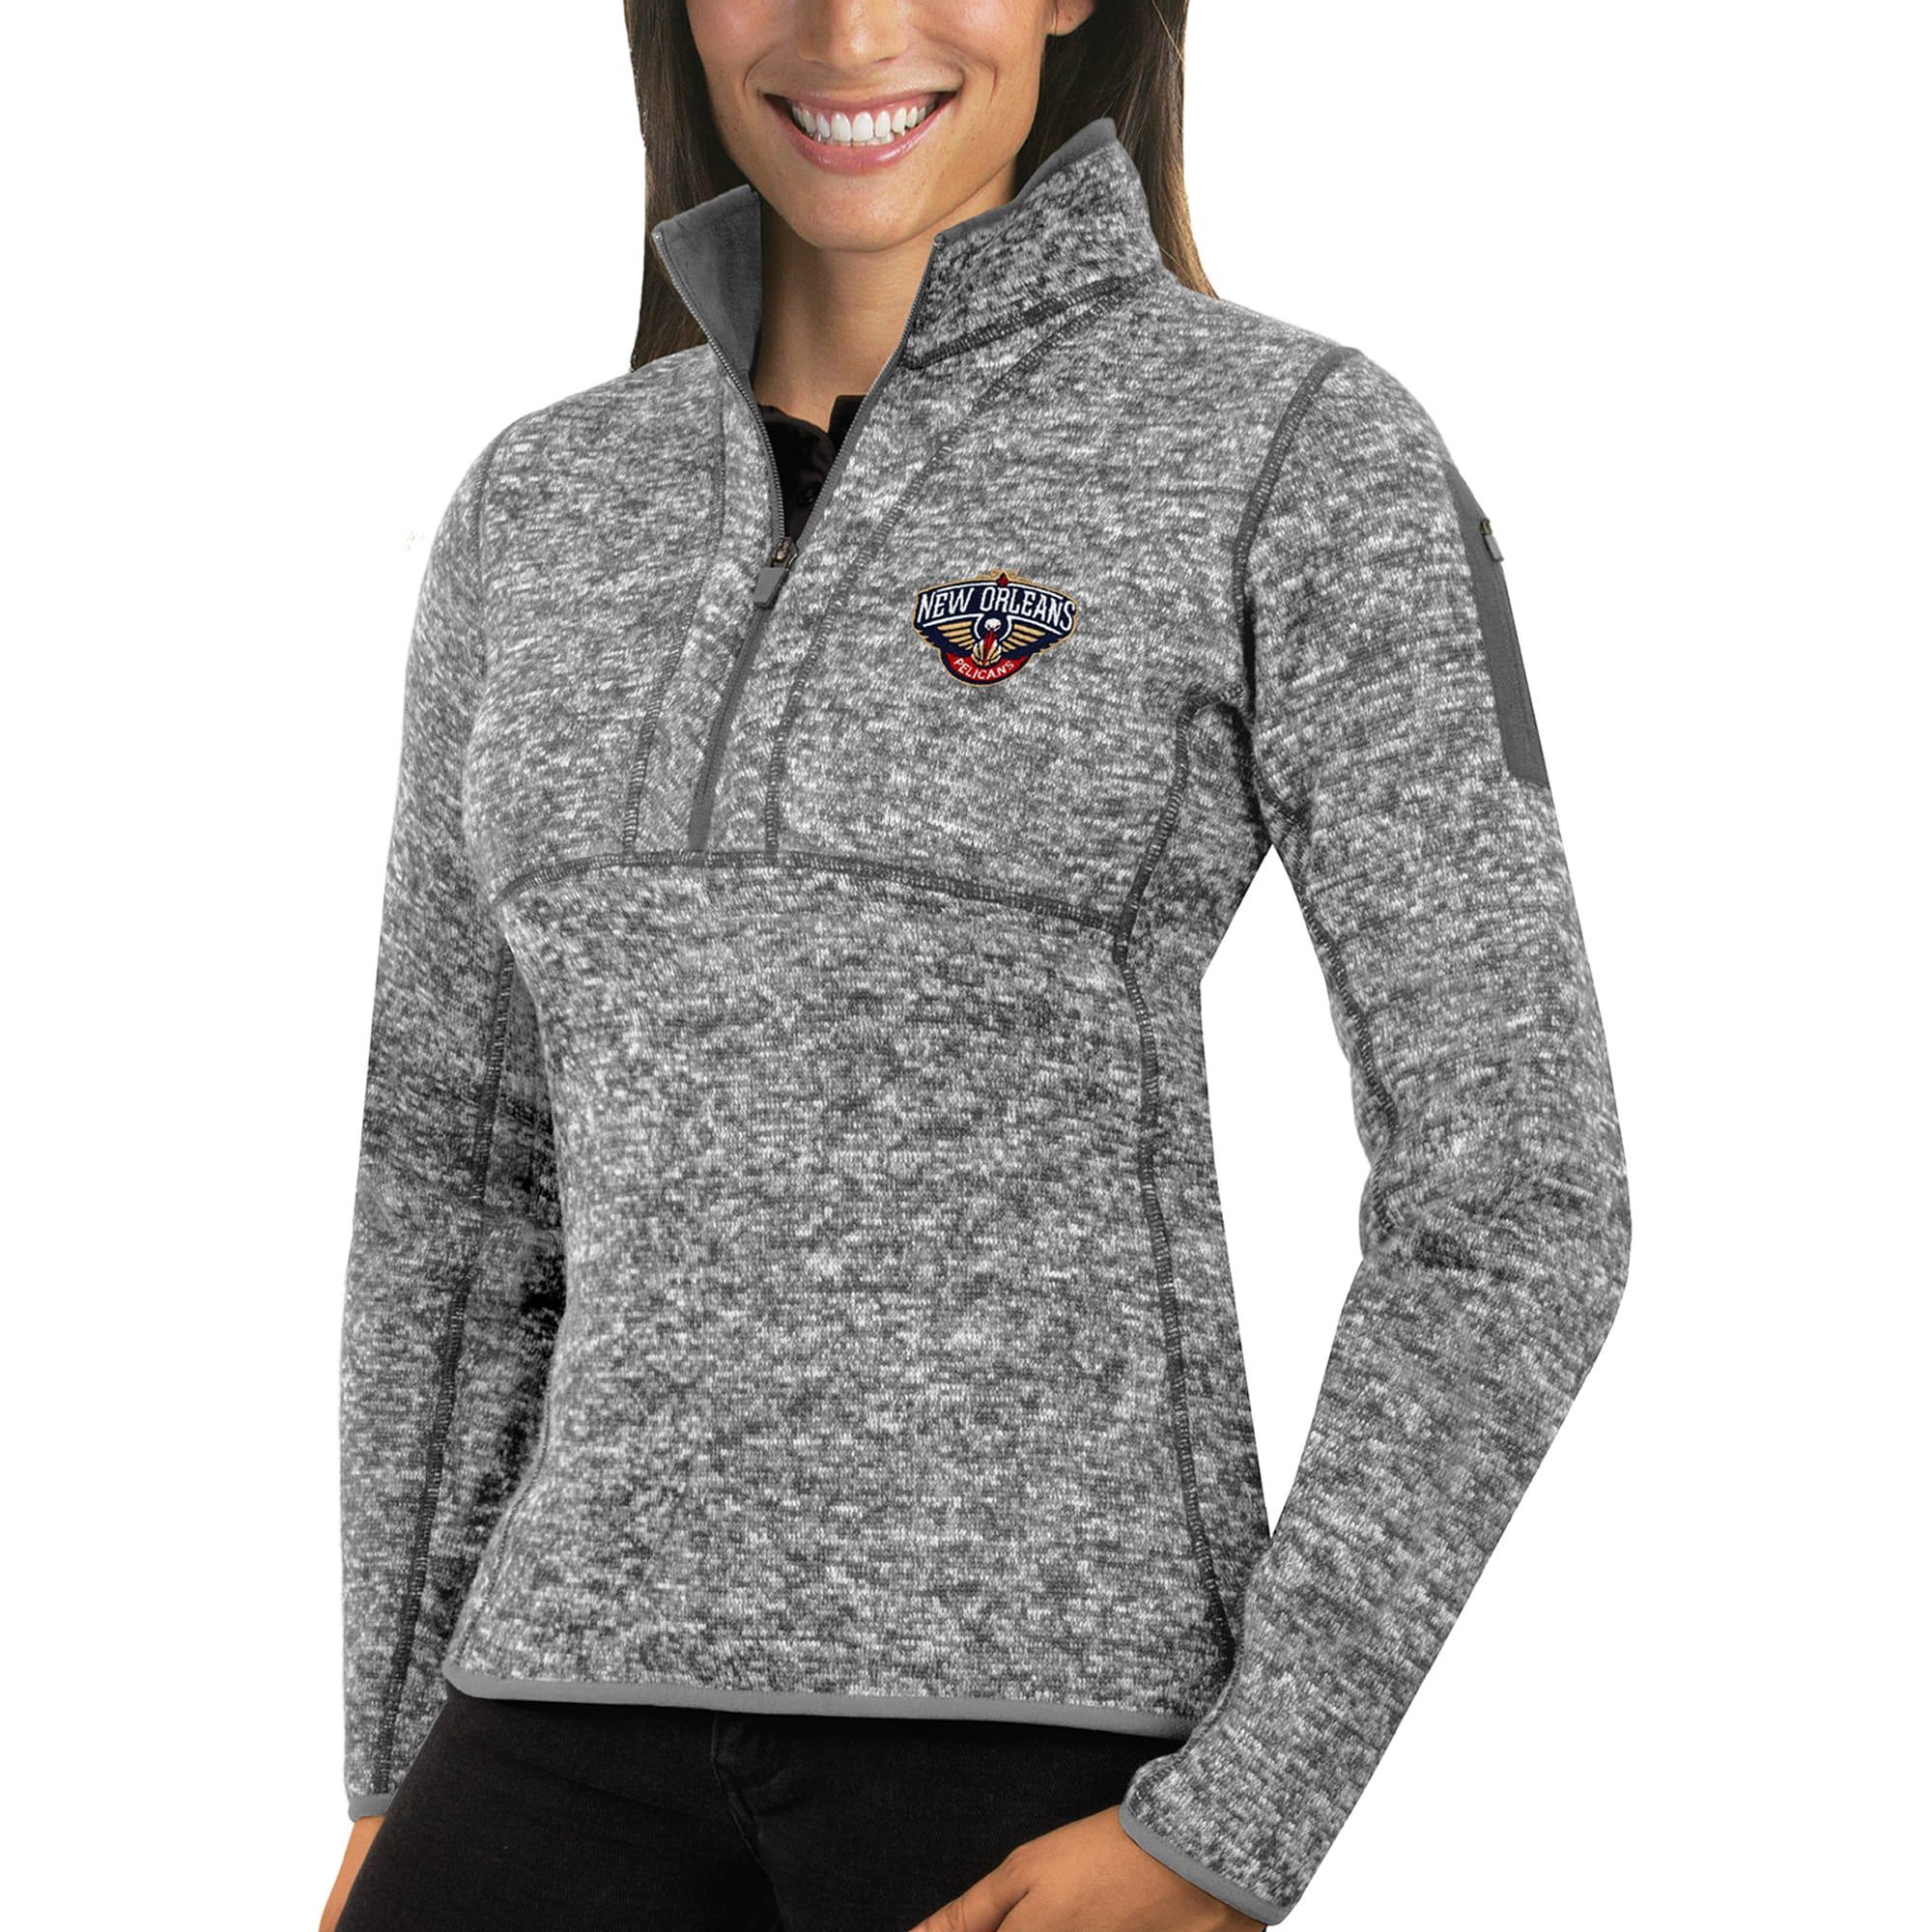 New Orleans Pelicans Antigua Women's Fortune Half-Zip Pullover Jacket - Heather Gray